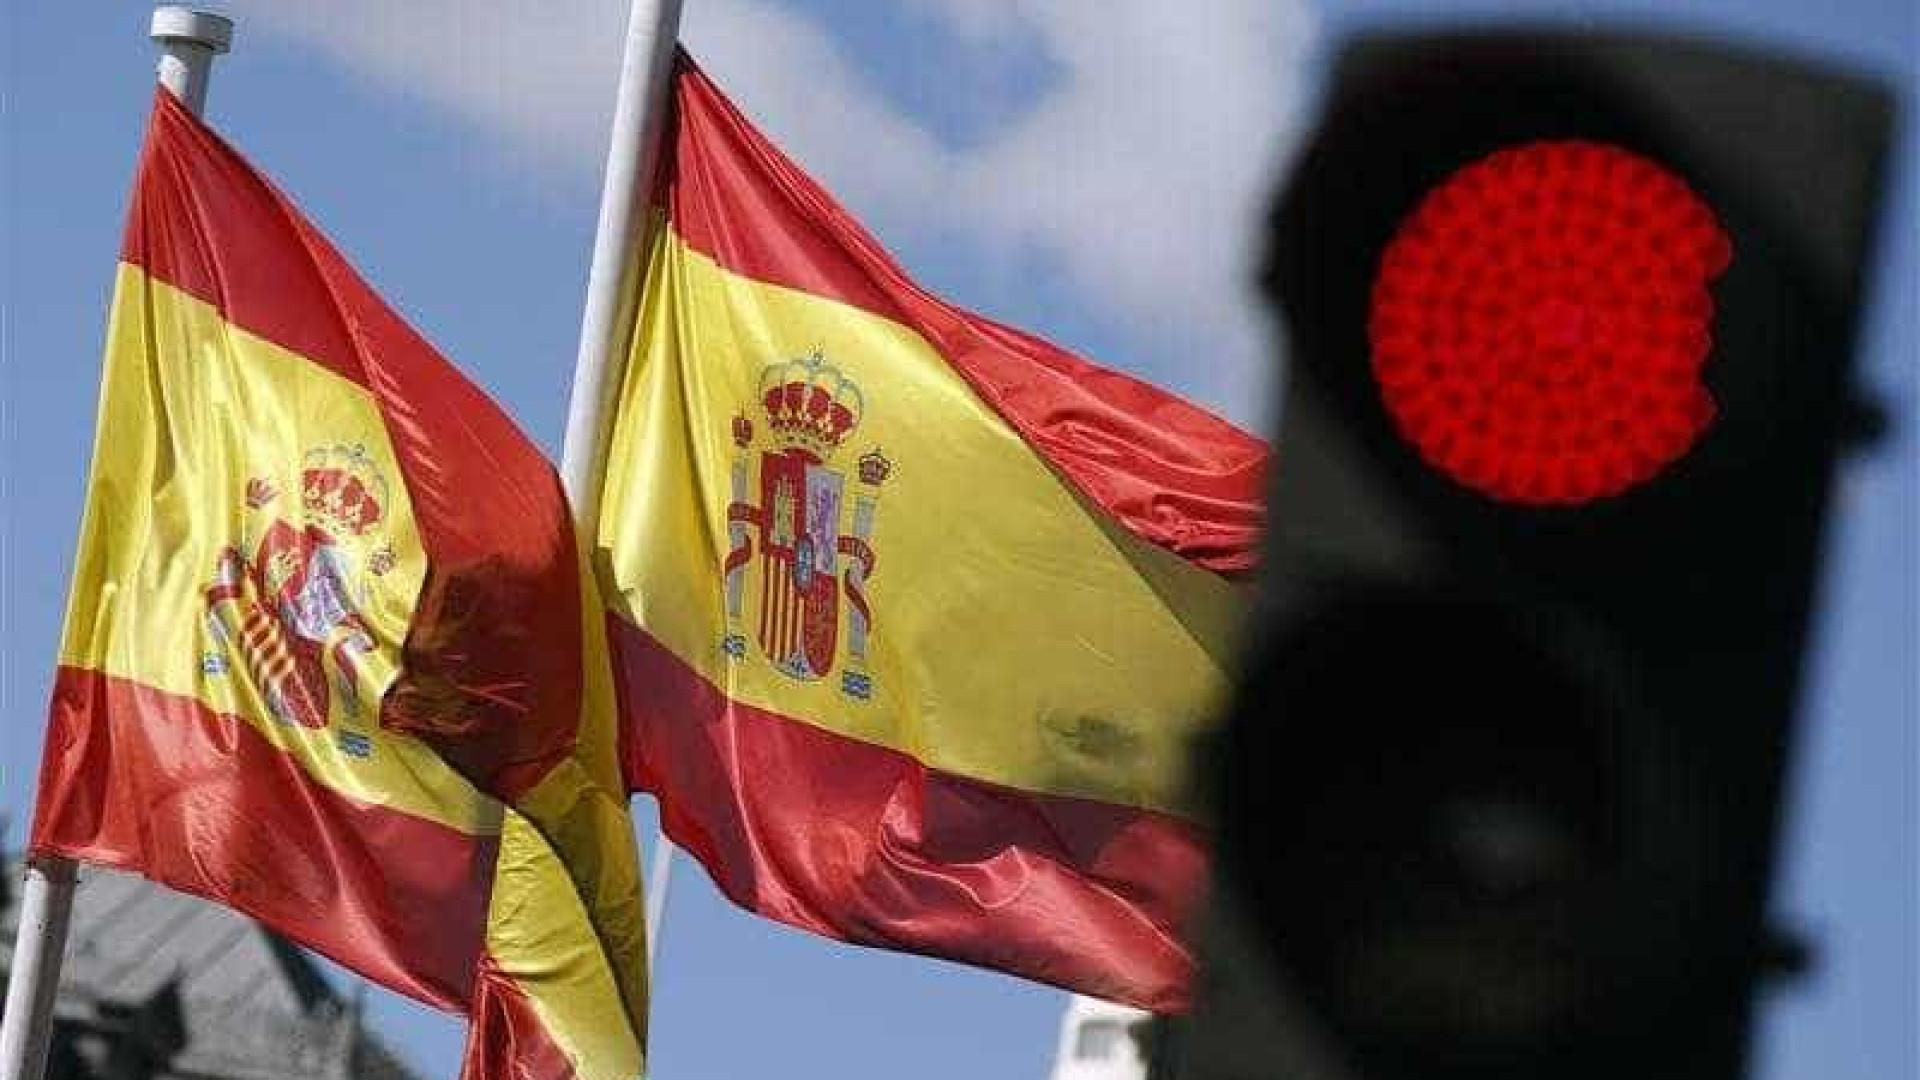 Milhões participam de greve em apoio às mulheres na Espanha